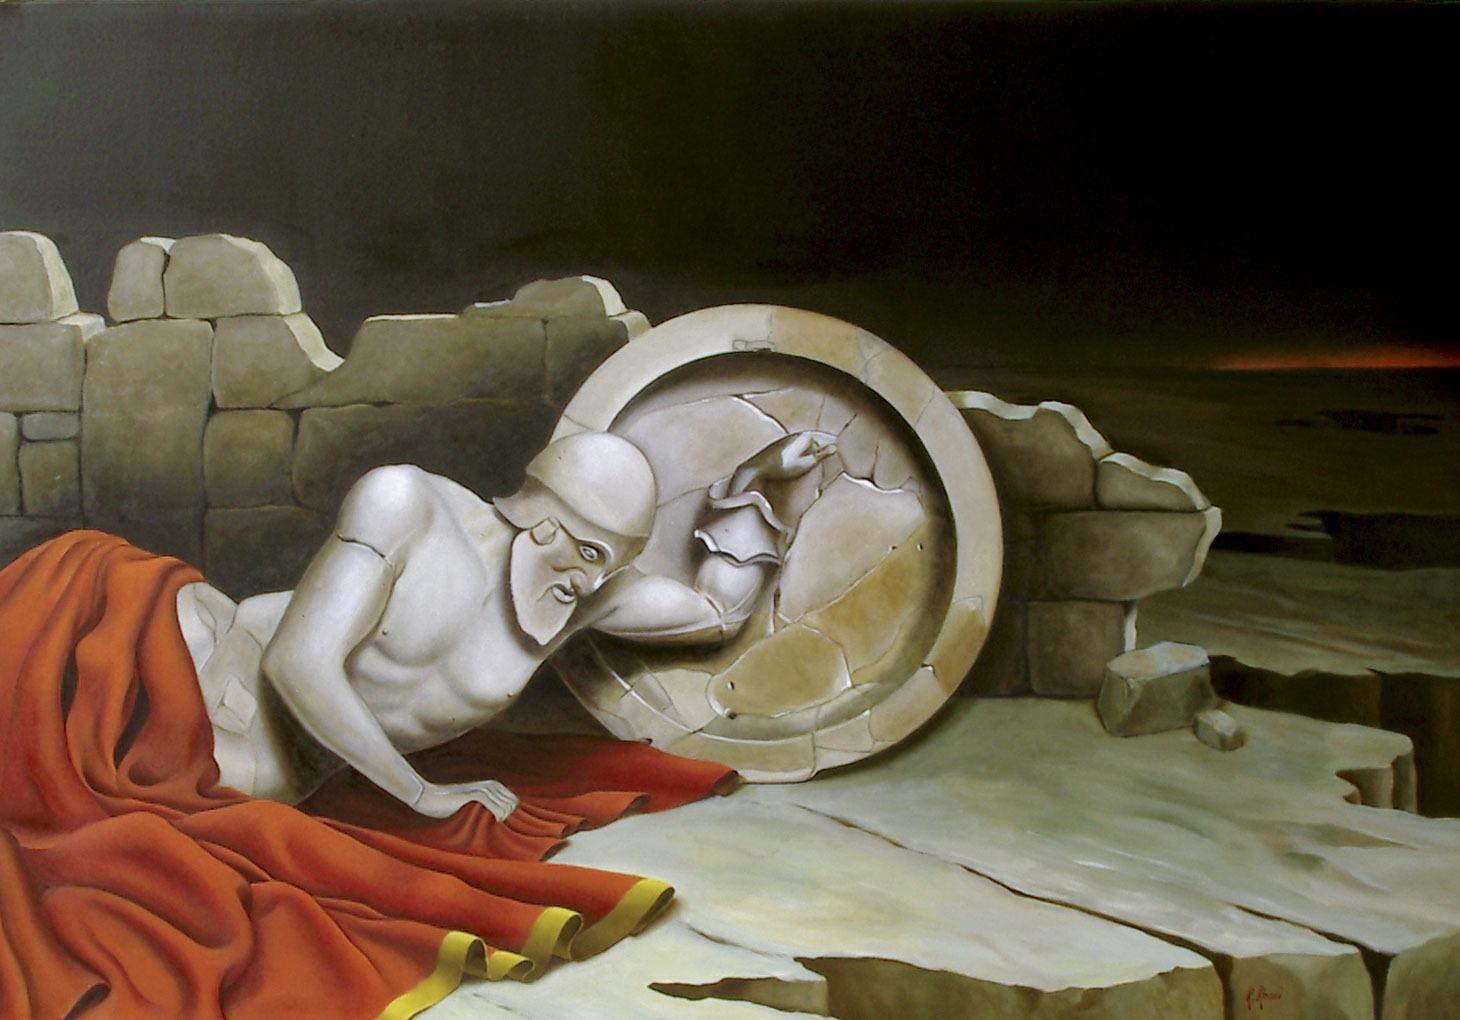 2006 roberta rossi - L'ultima battaglia - olio su tela - 70 x 100